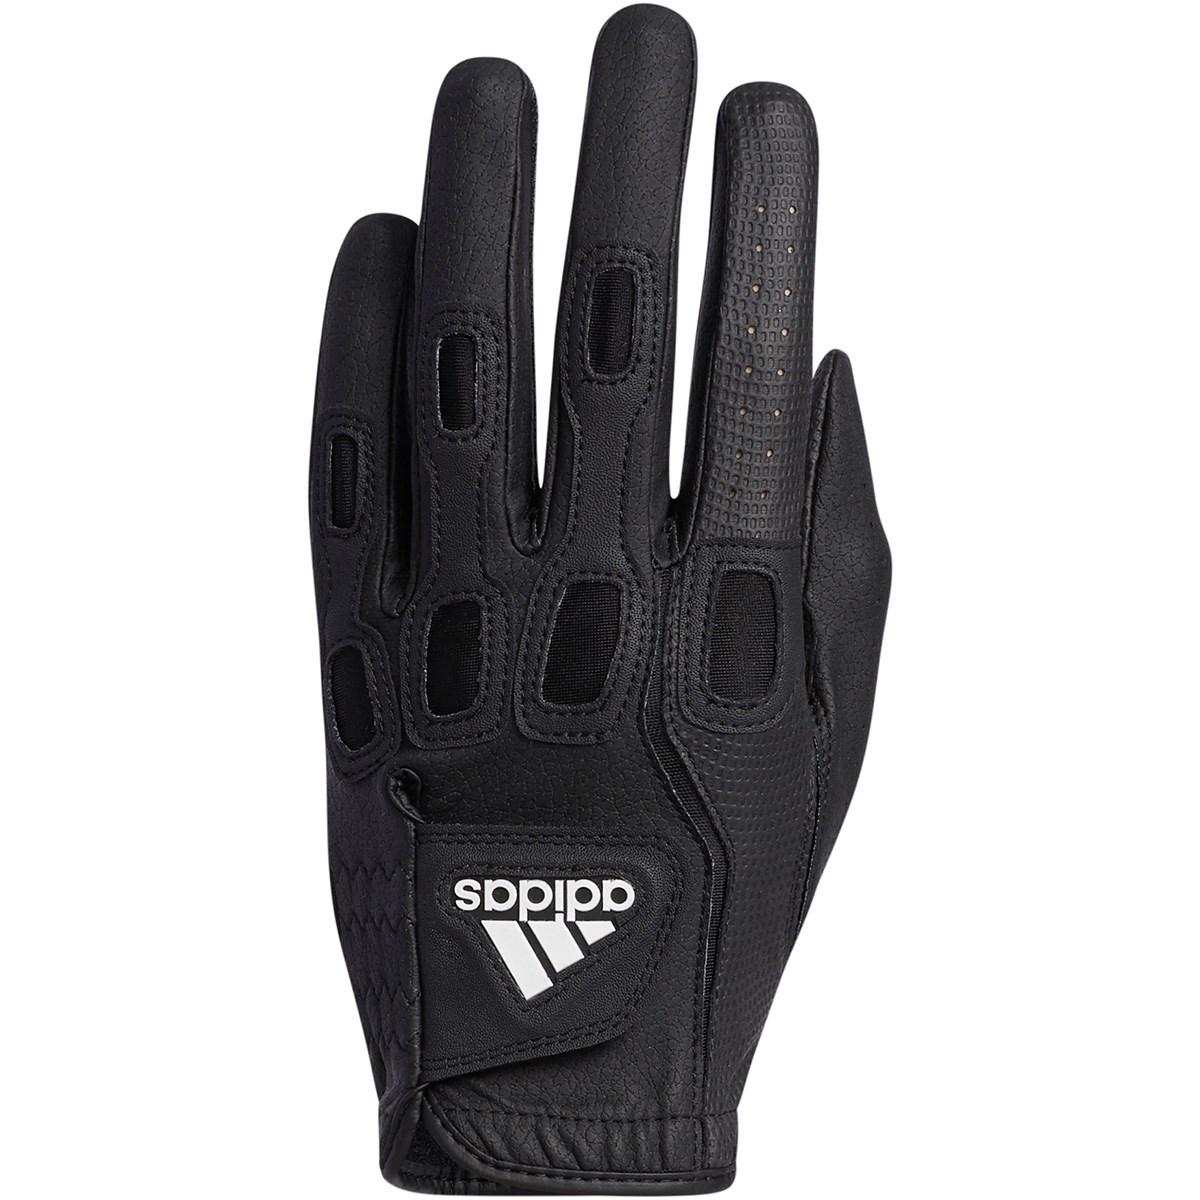 アディダス Adidas マルチフィット9 グローブ レフティ 21cm 右手着用(左利き用) ブラック/ホワイト